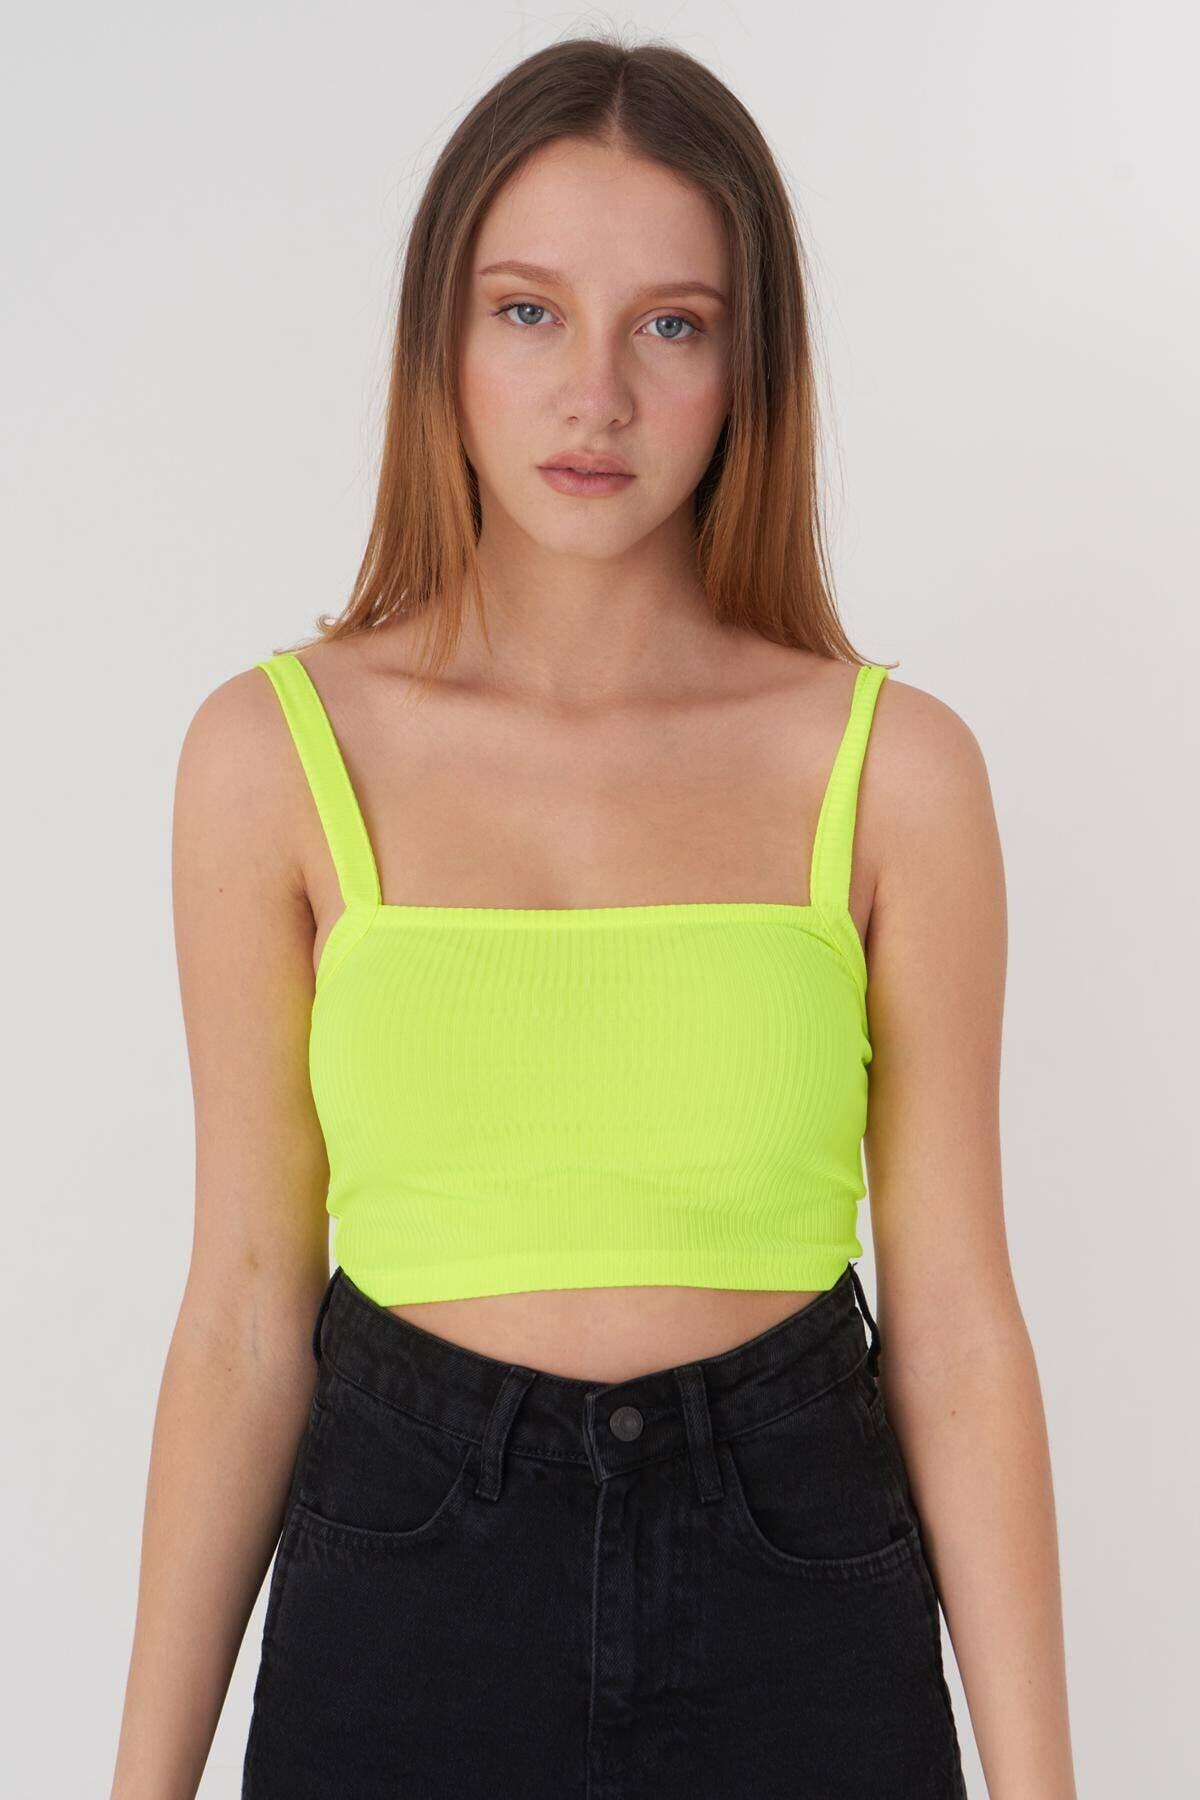 Addax Kadın Neon Sarı Askılı Bluz A1024 - U6 Adx-0000022705 2